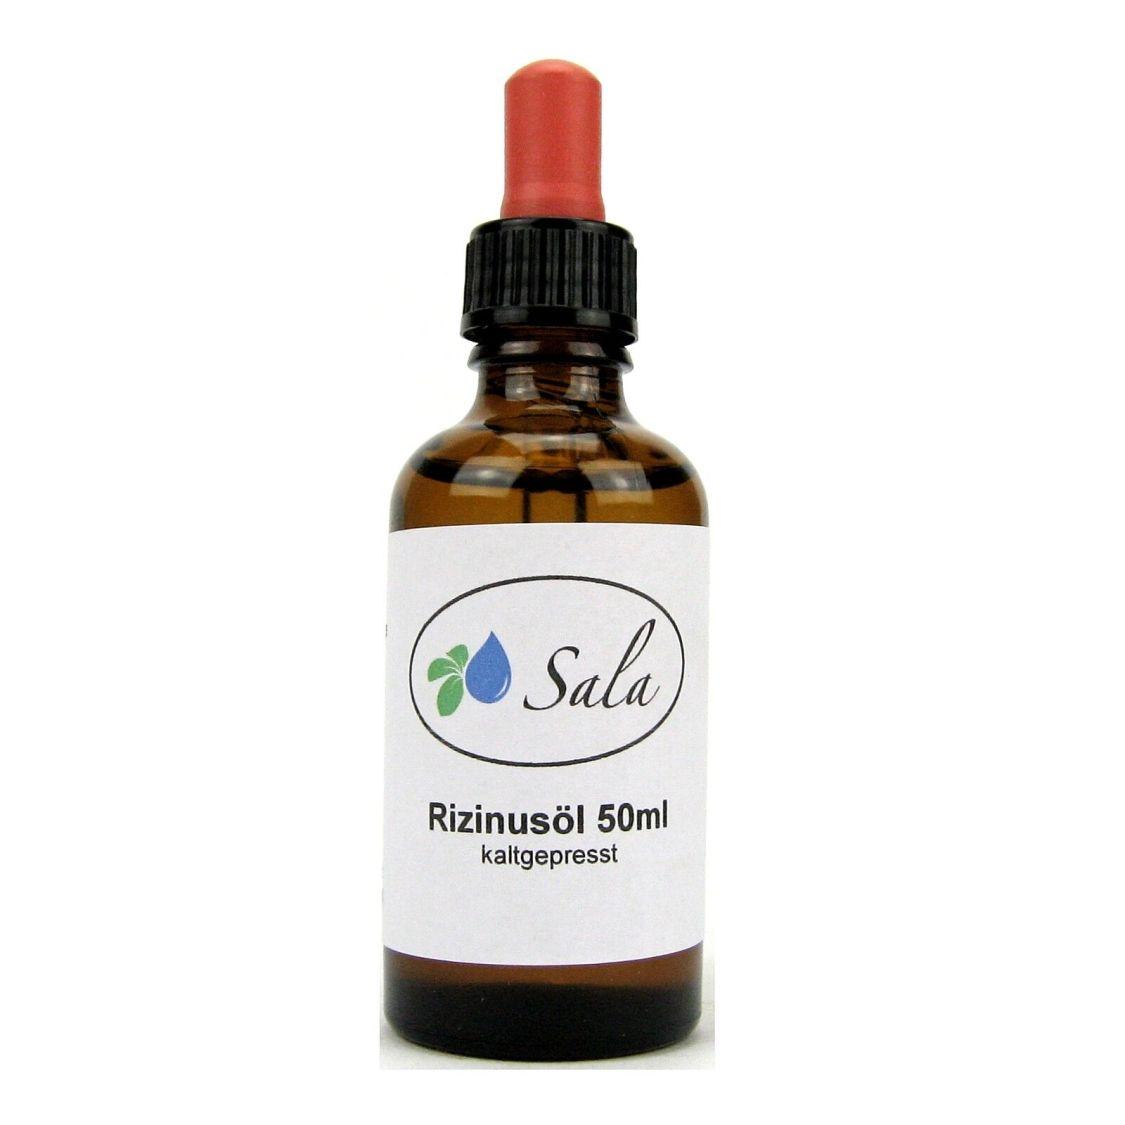 (9,98 EUR/100 ml) Sala Rizinusöl kaltgepresst für dichte Wimpern Augenbrauen 50